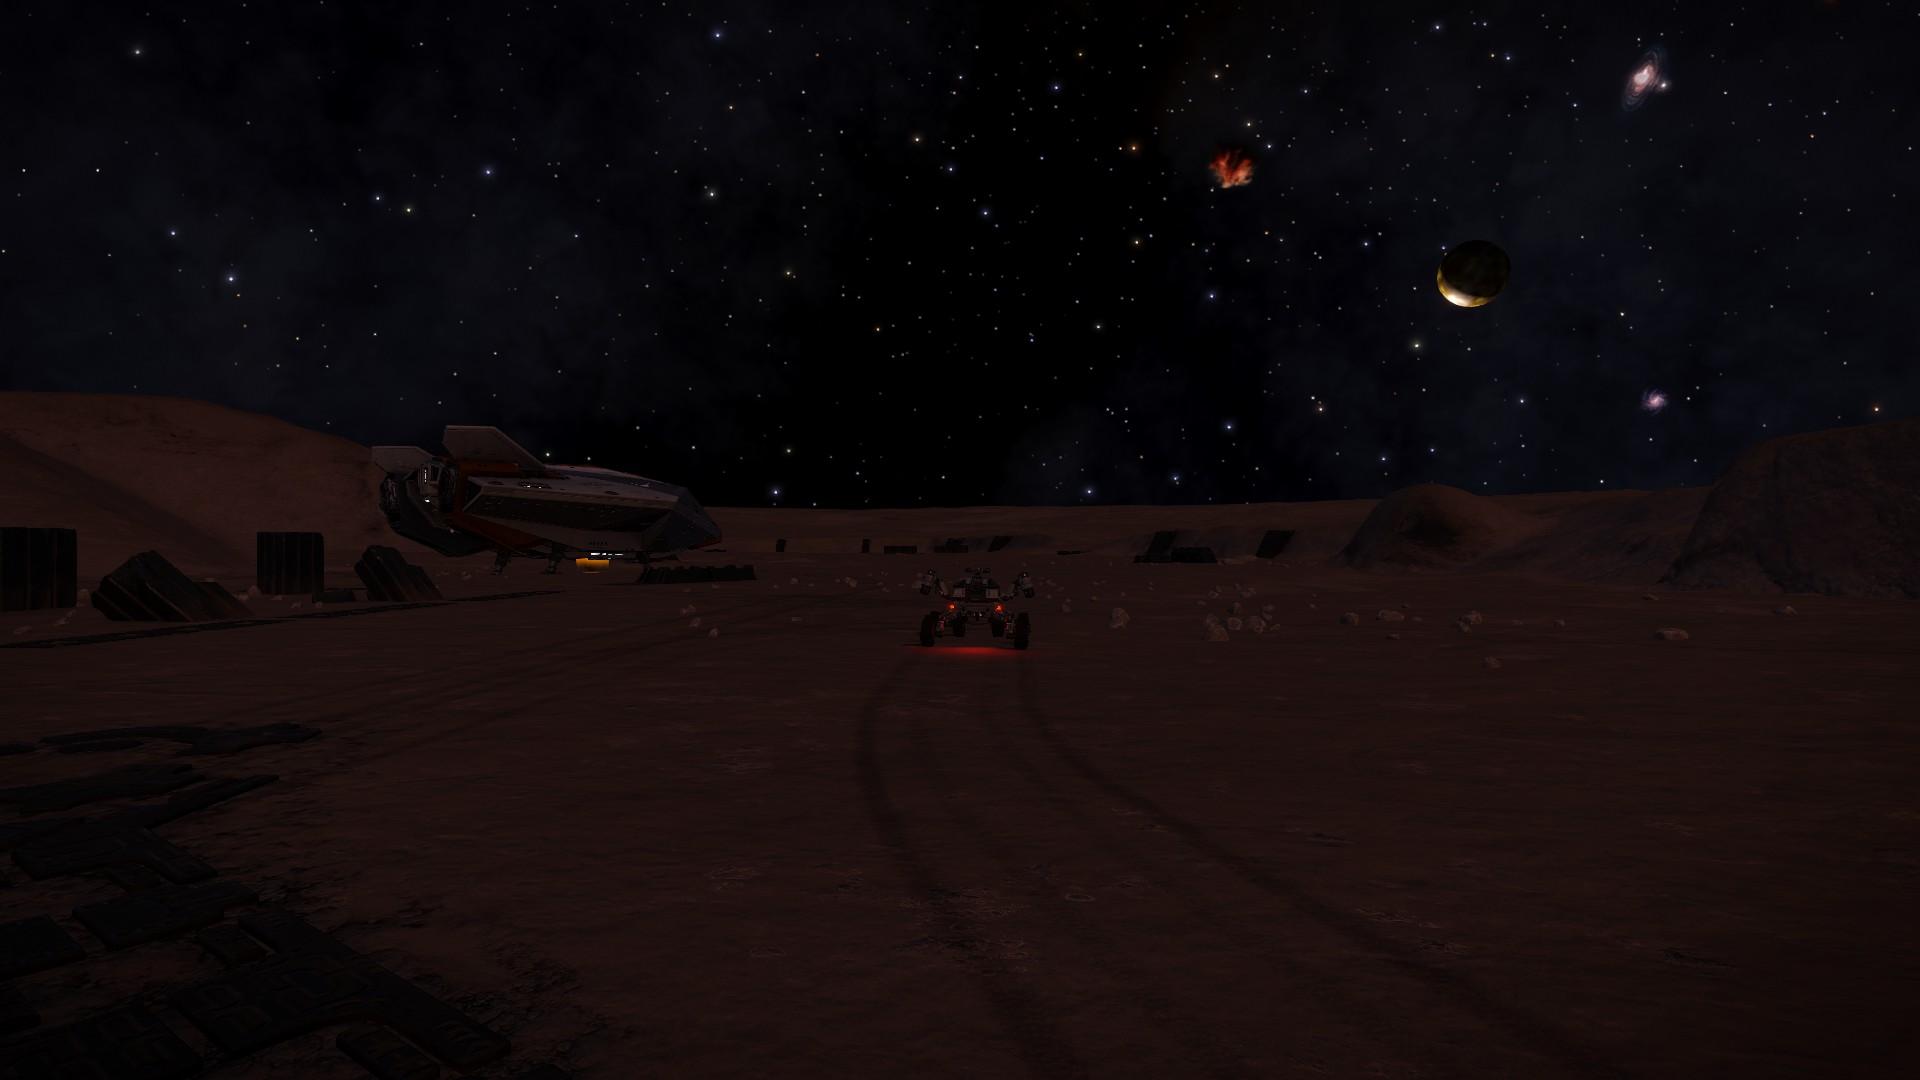 IC 2391 Sector GW-V b2-4 B 1